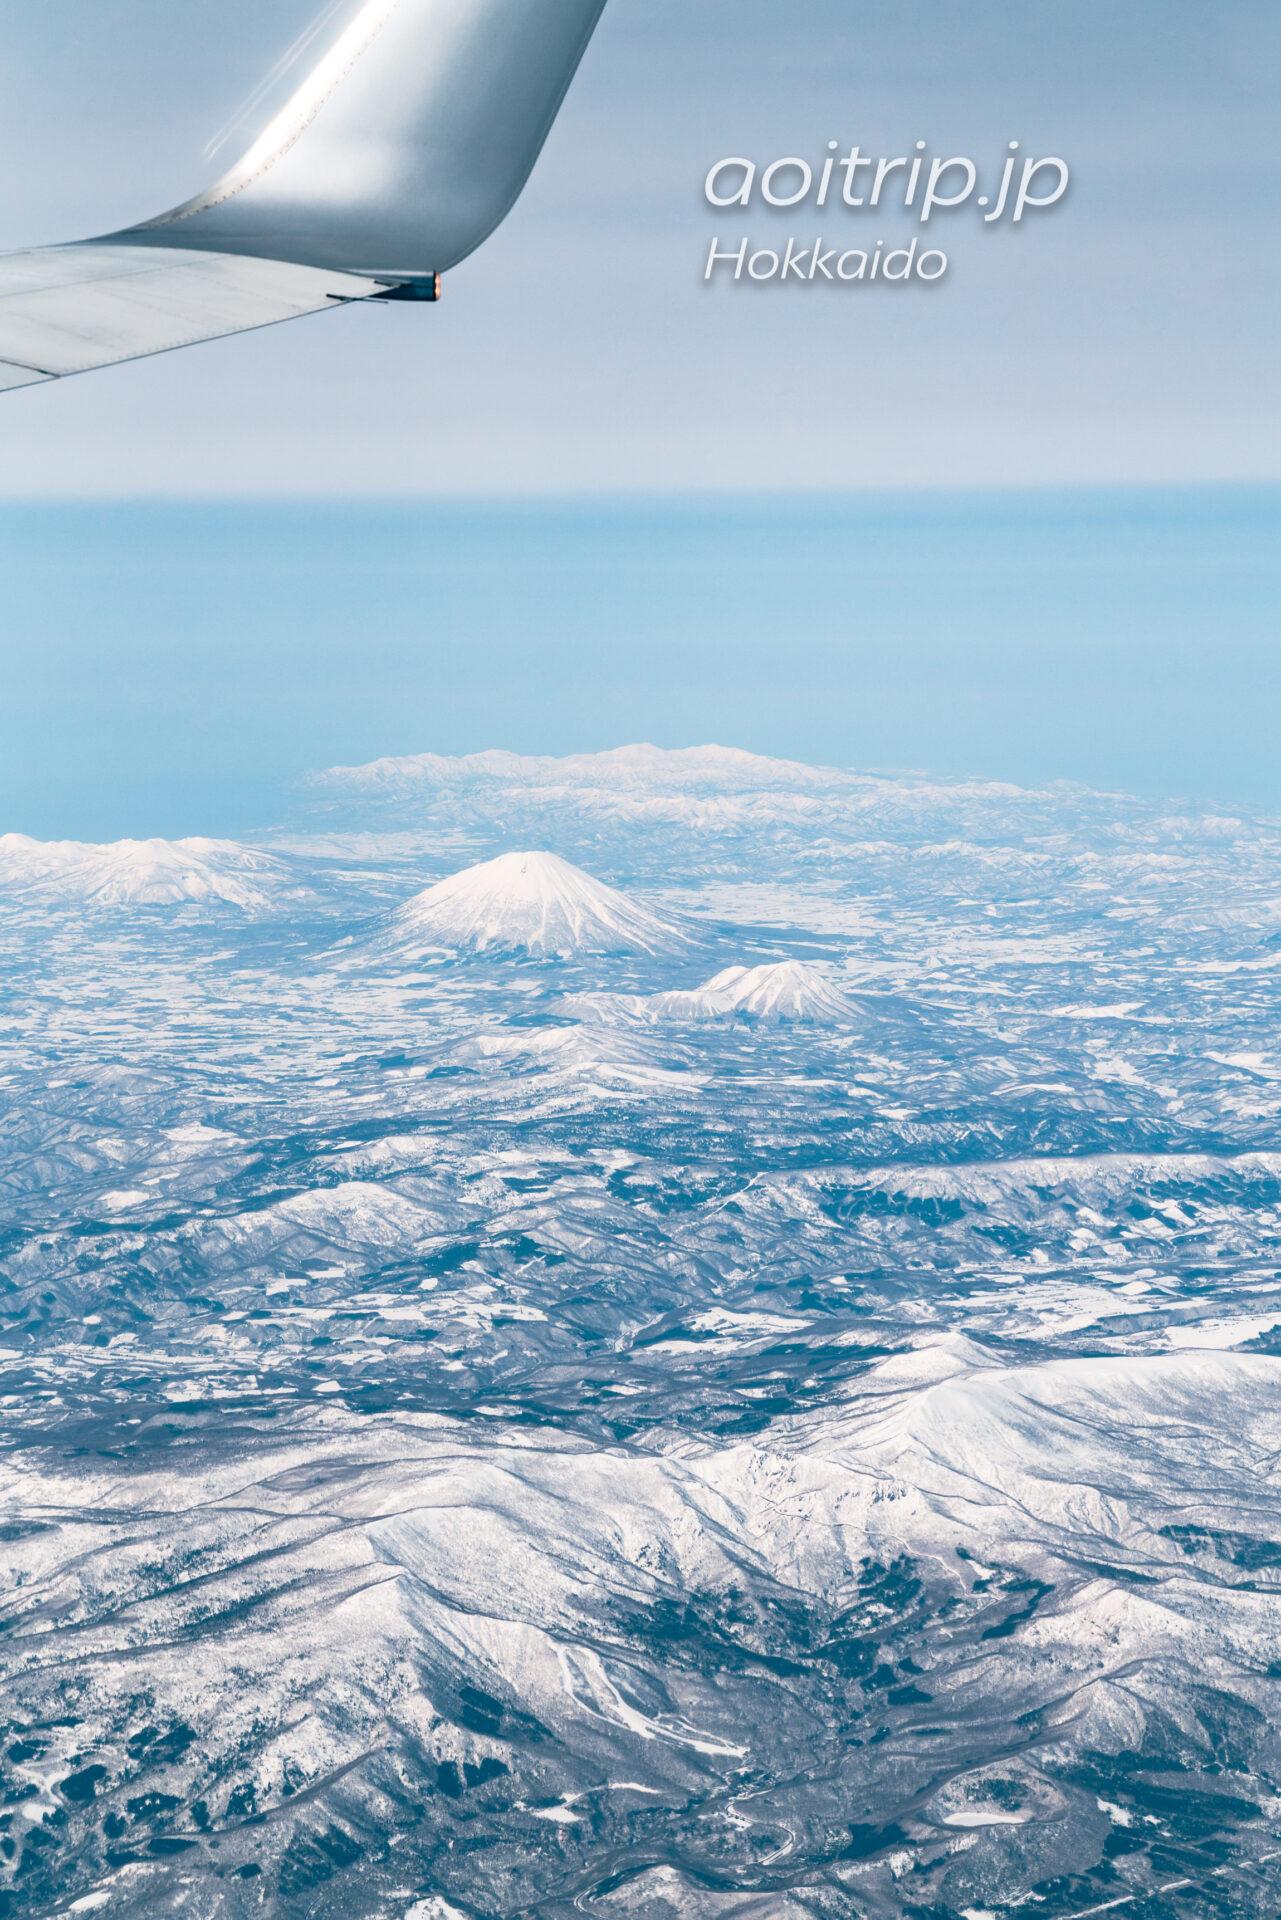 北海道の航空写真 飛行機の窓から 3月 支笏洞爺国立公園の眺望 羊蹄山